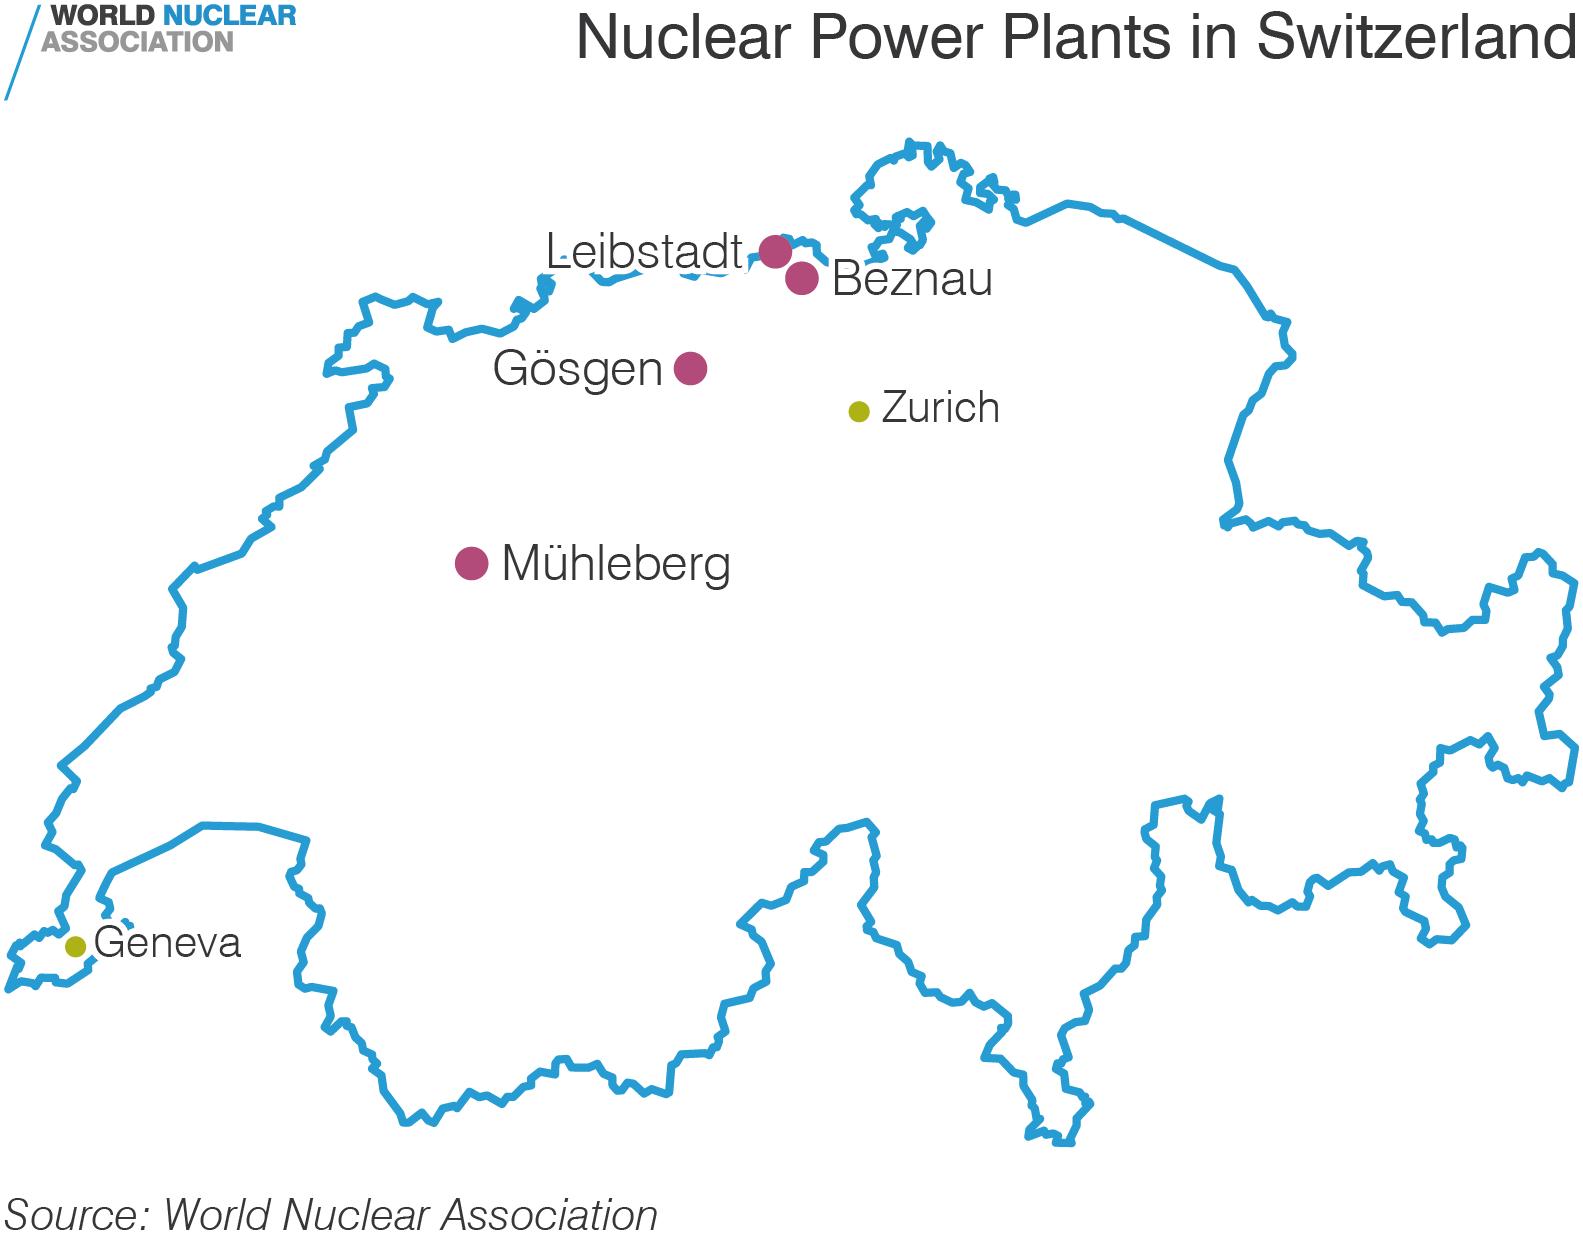 Szwajcarzy nie chcą szybkiego wyłączenia elektrowni jądrowych